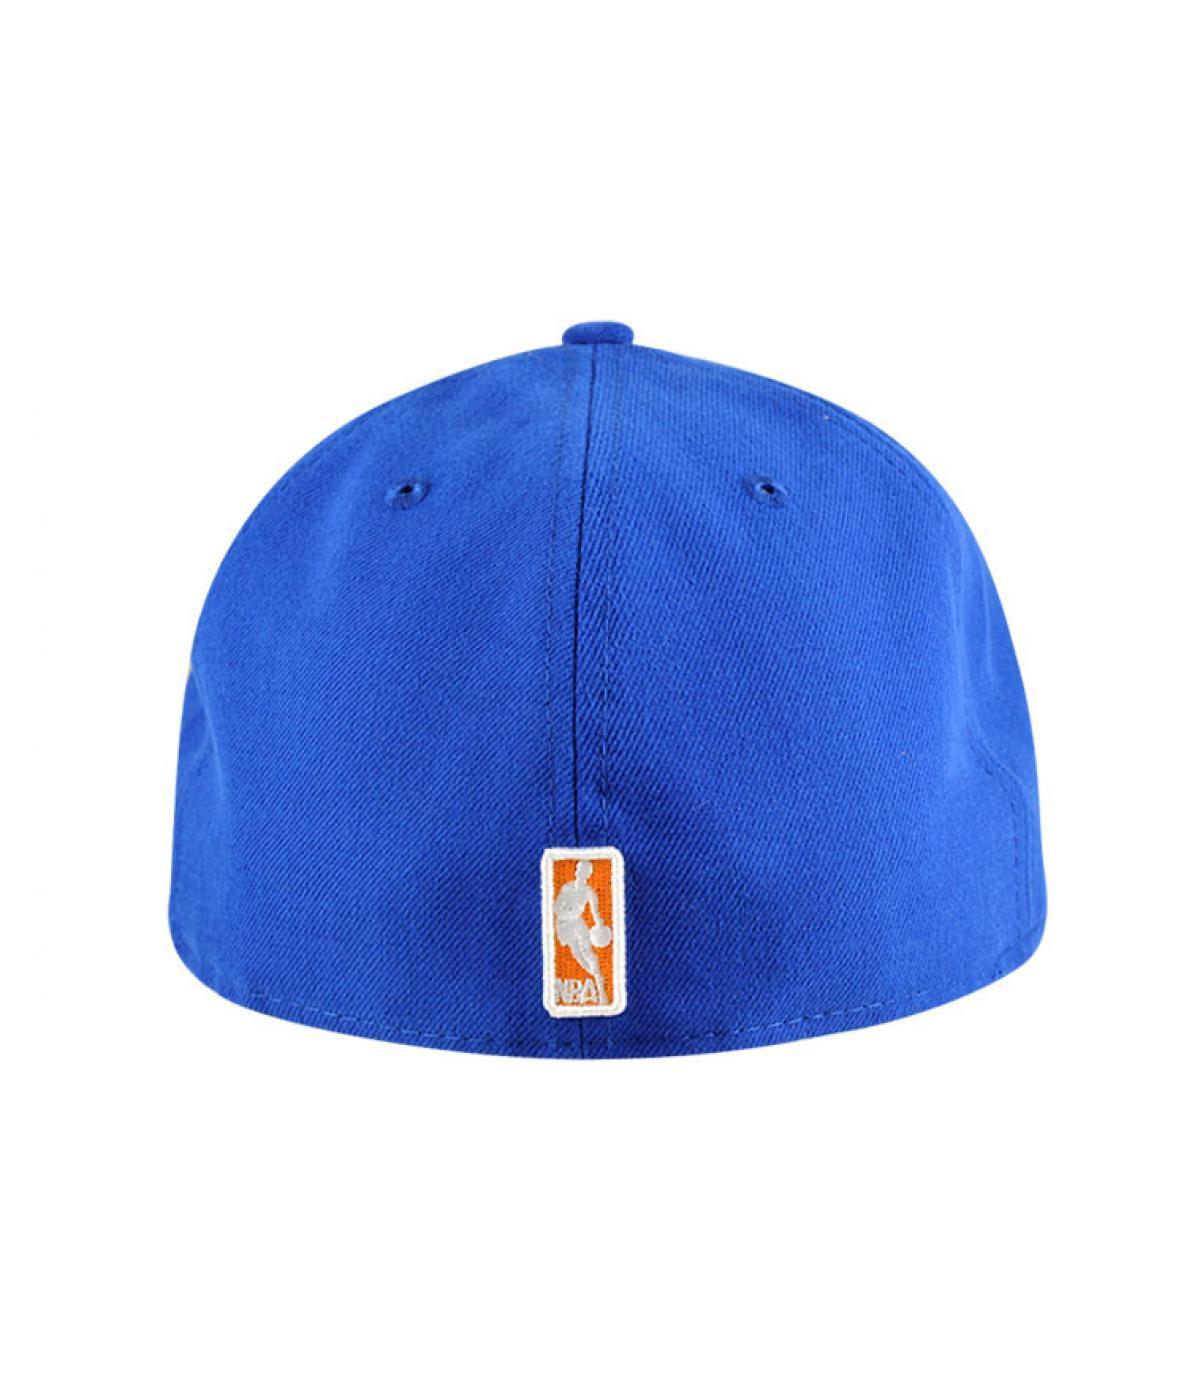 Détails Casquette Knicks 59fifty bleue - image 3